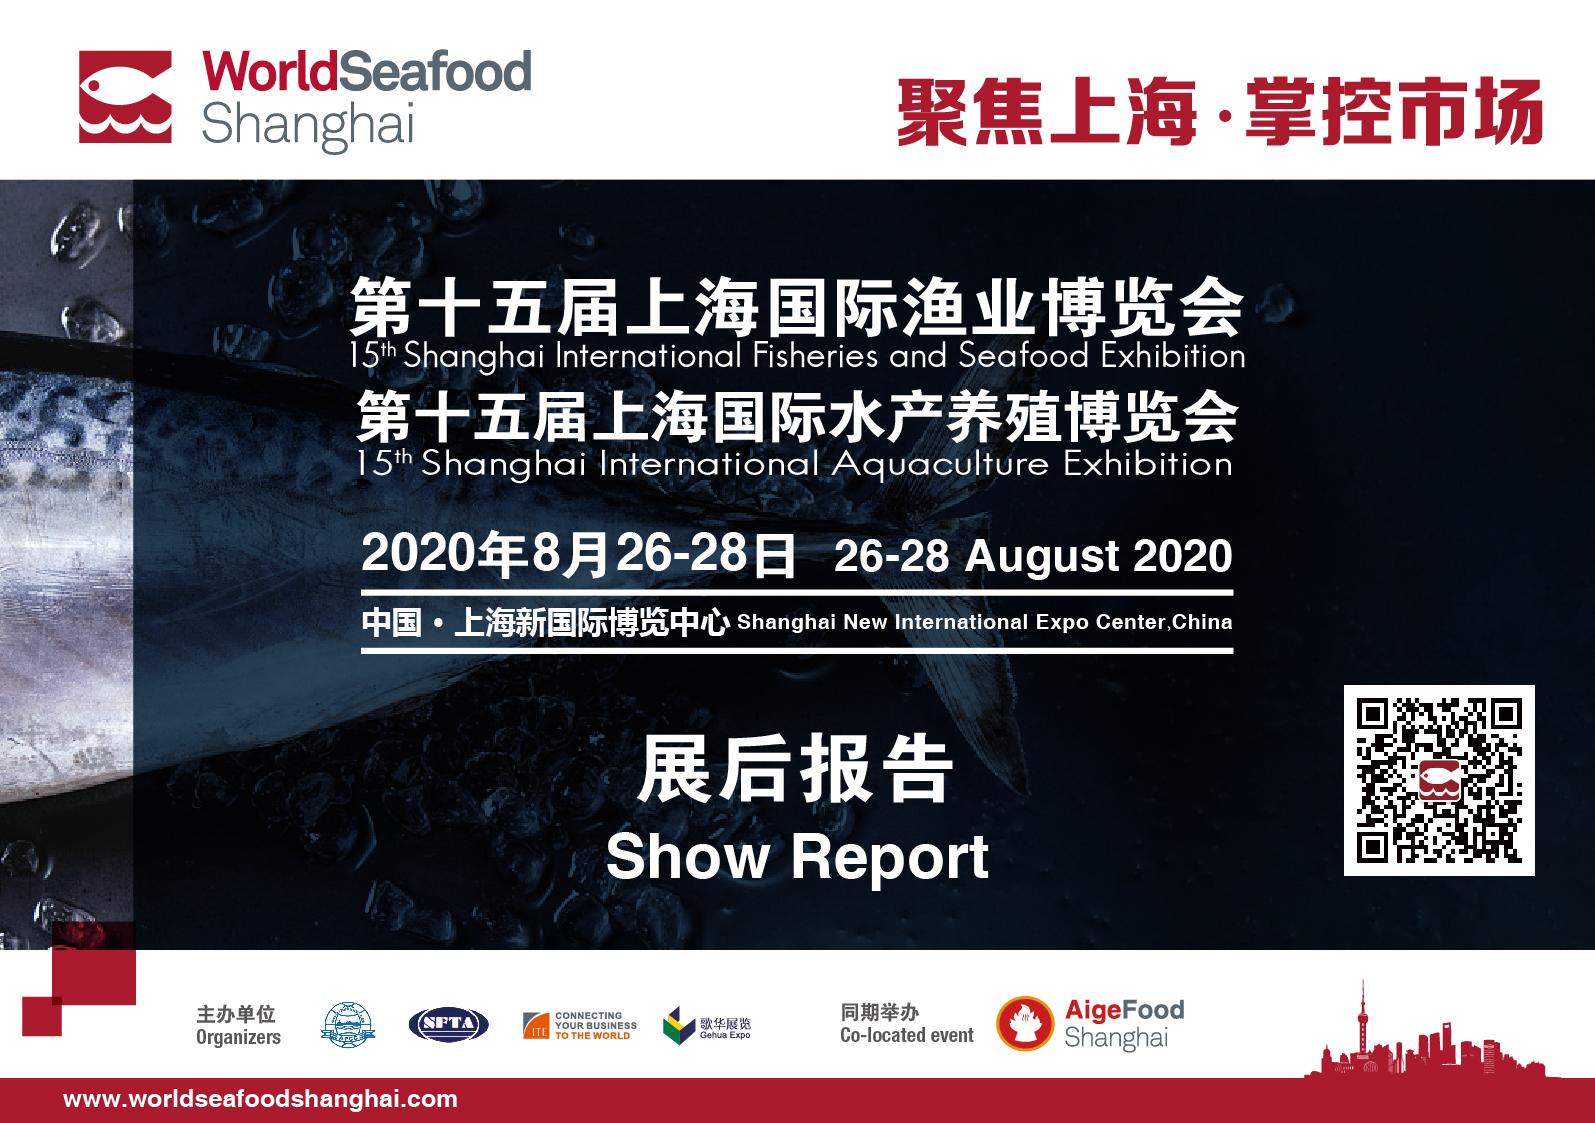 2020渔业展-展后报告-1-01.jpg